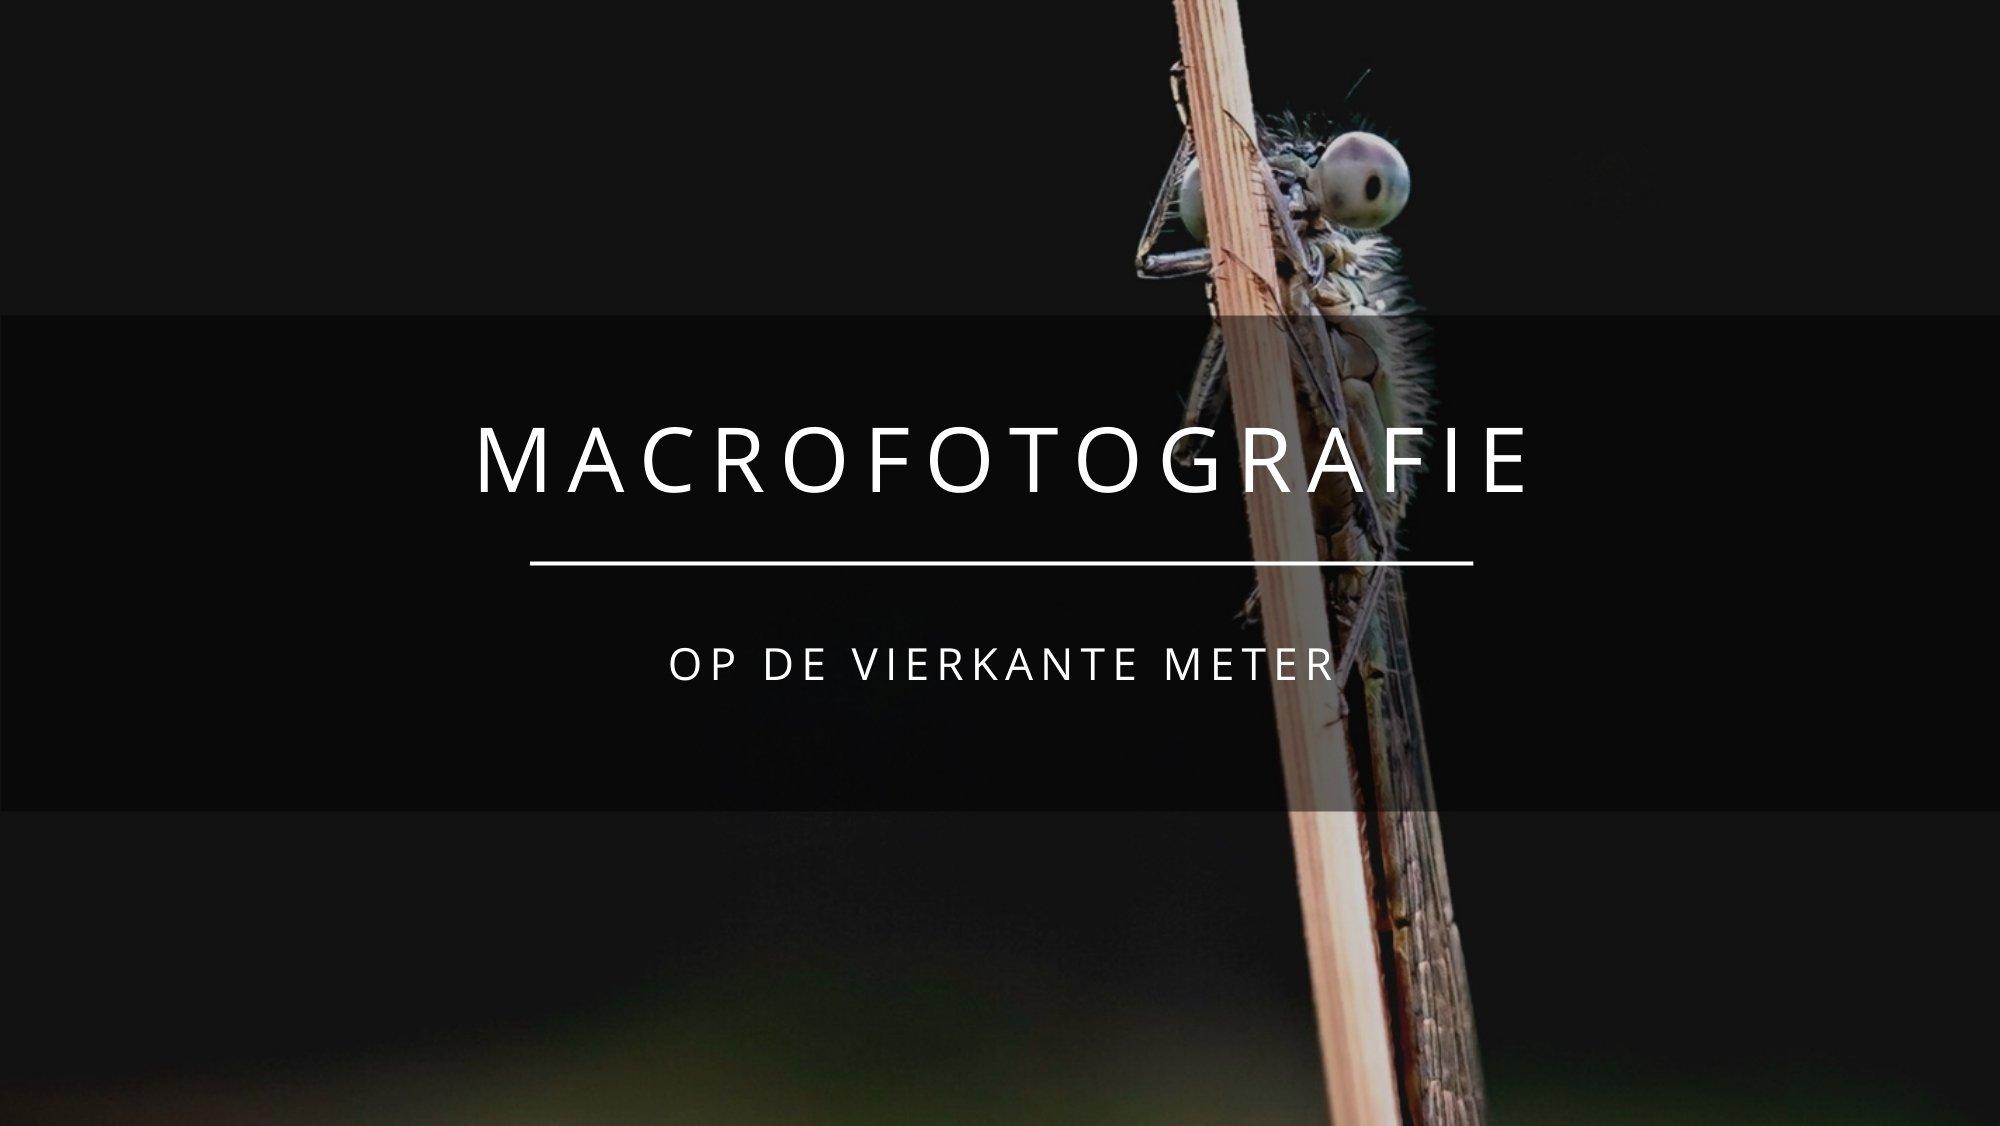 AM macrofotografie op de vierkante meter